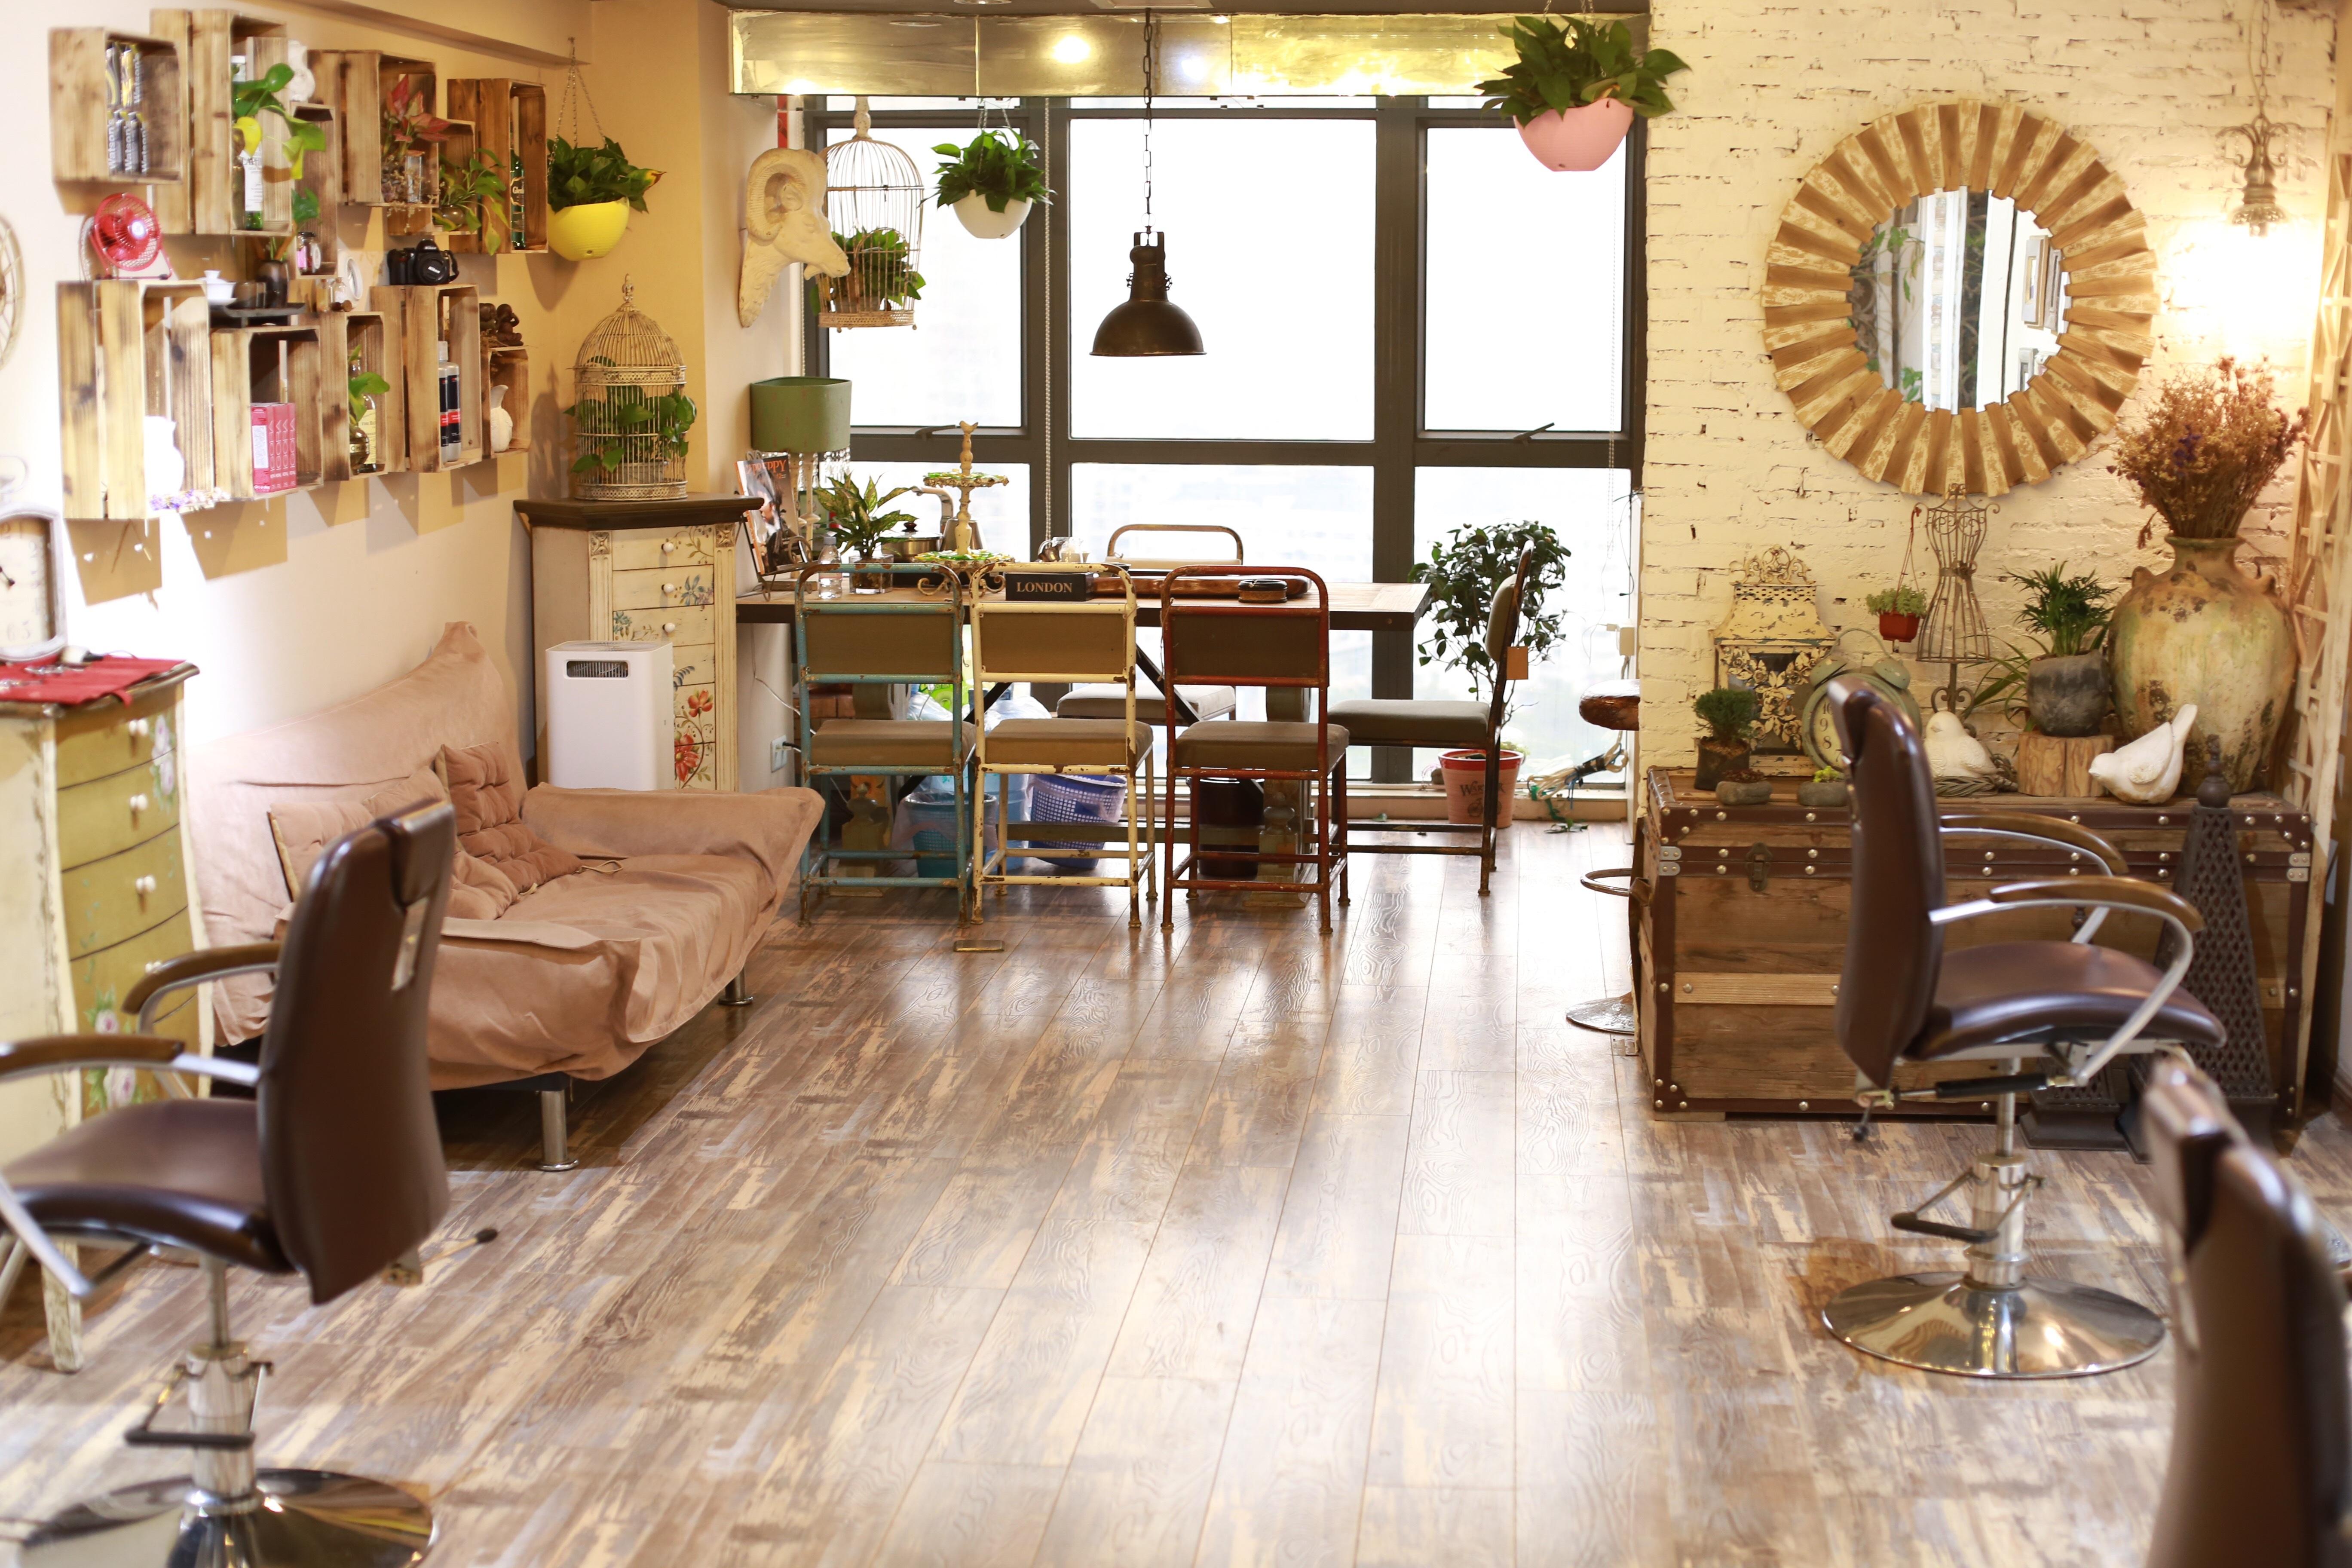 Free Images : floor, restaurant, home, studio, indoor